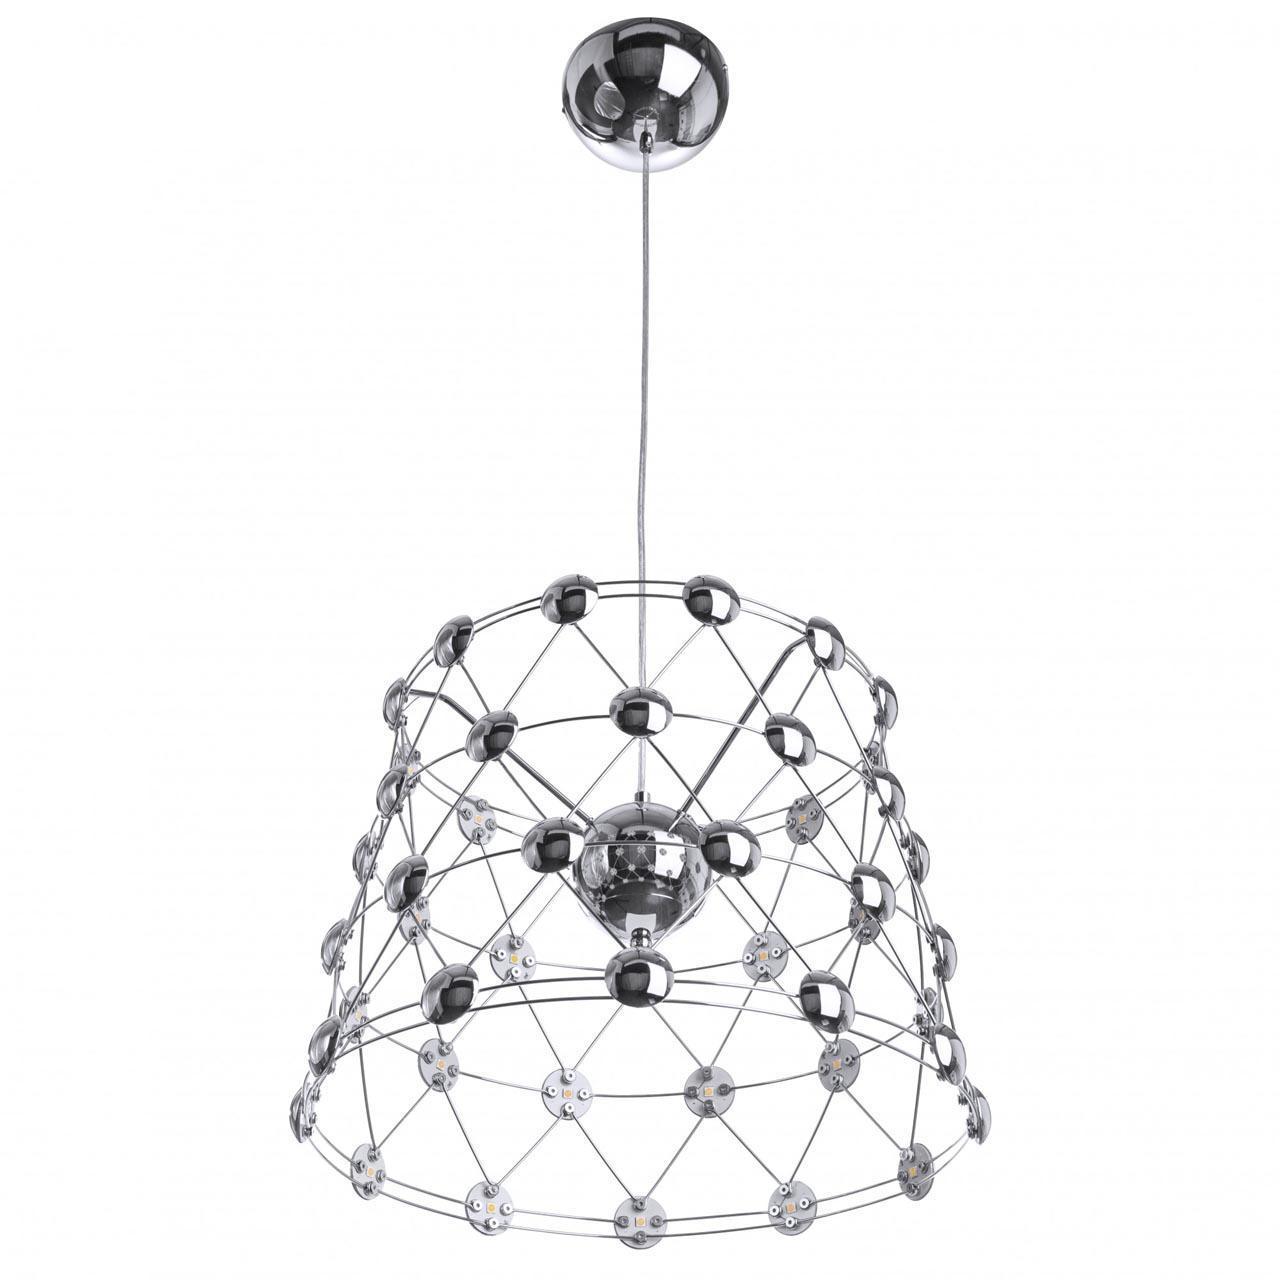 Подвесной светодиодный светильник хромового цвета